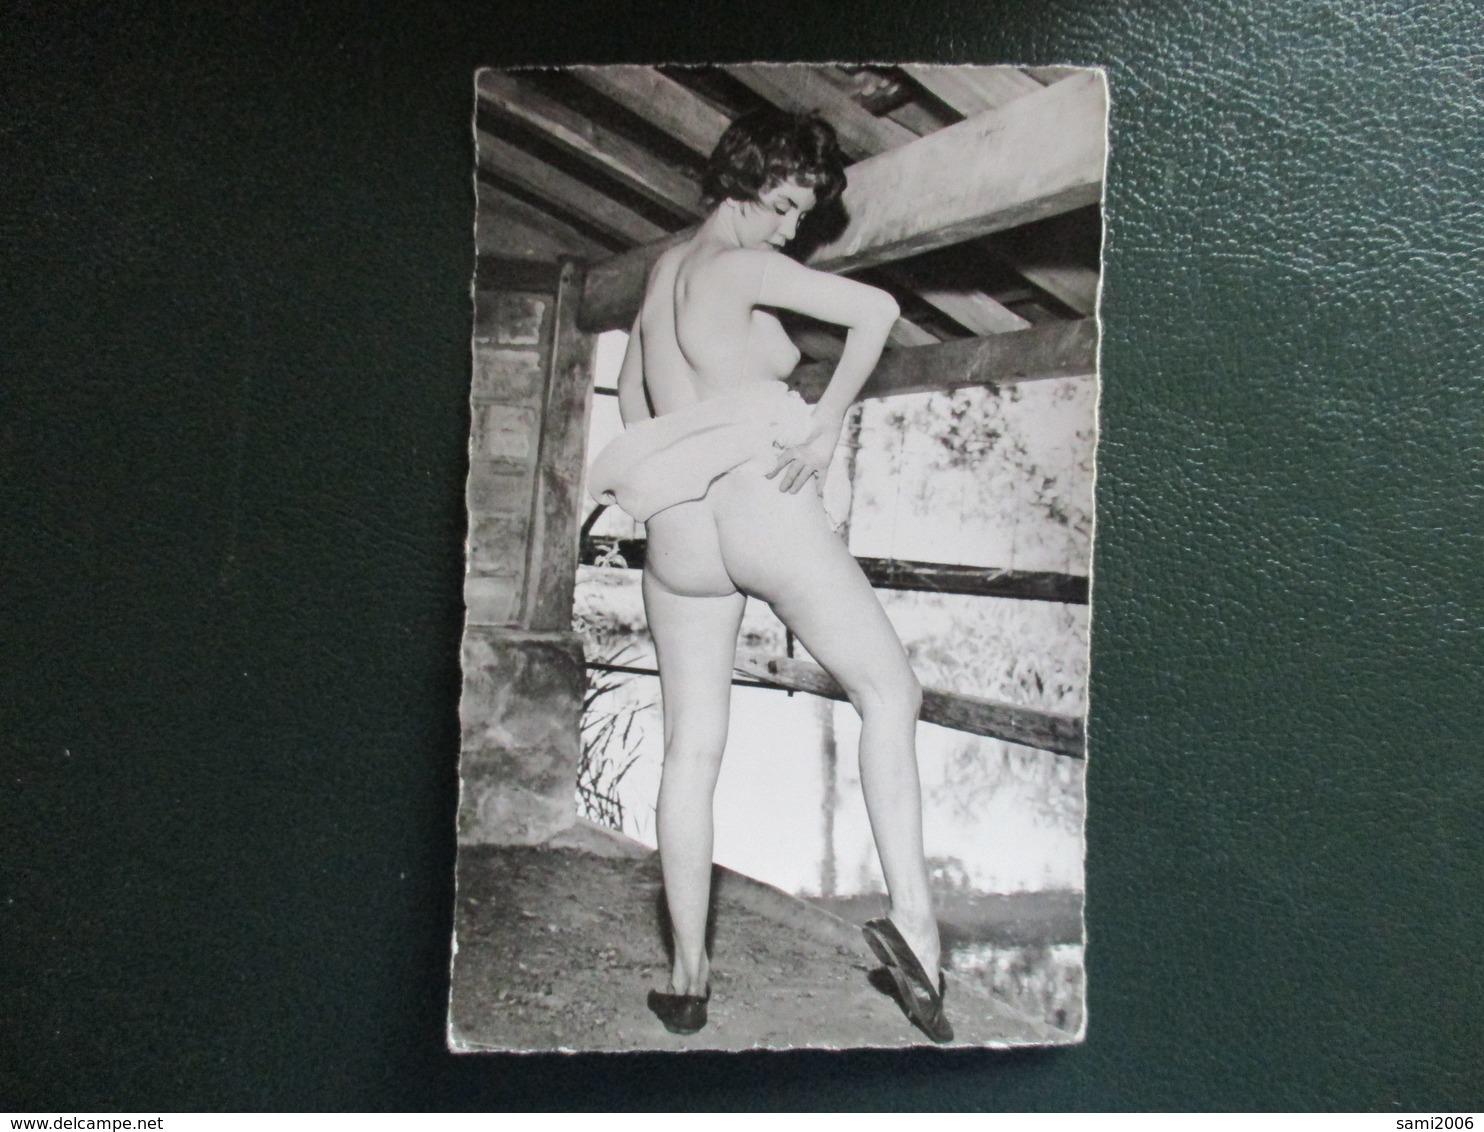 PHOTO PIN UP VINTAGE FEMME NUE - Beauté Féminine (1941-1960)